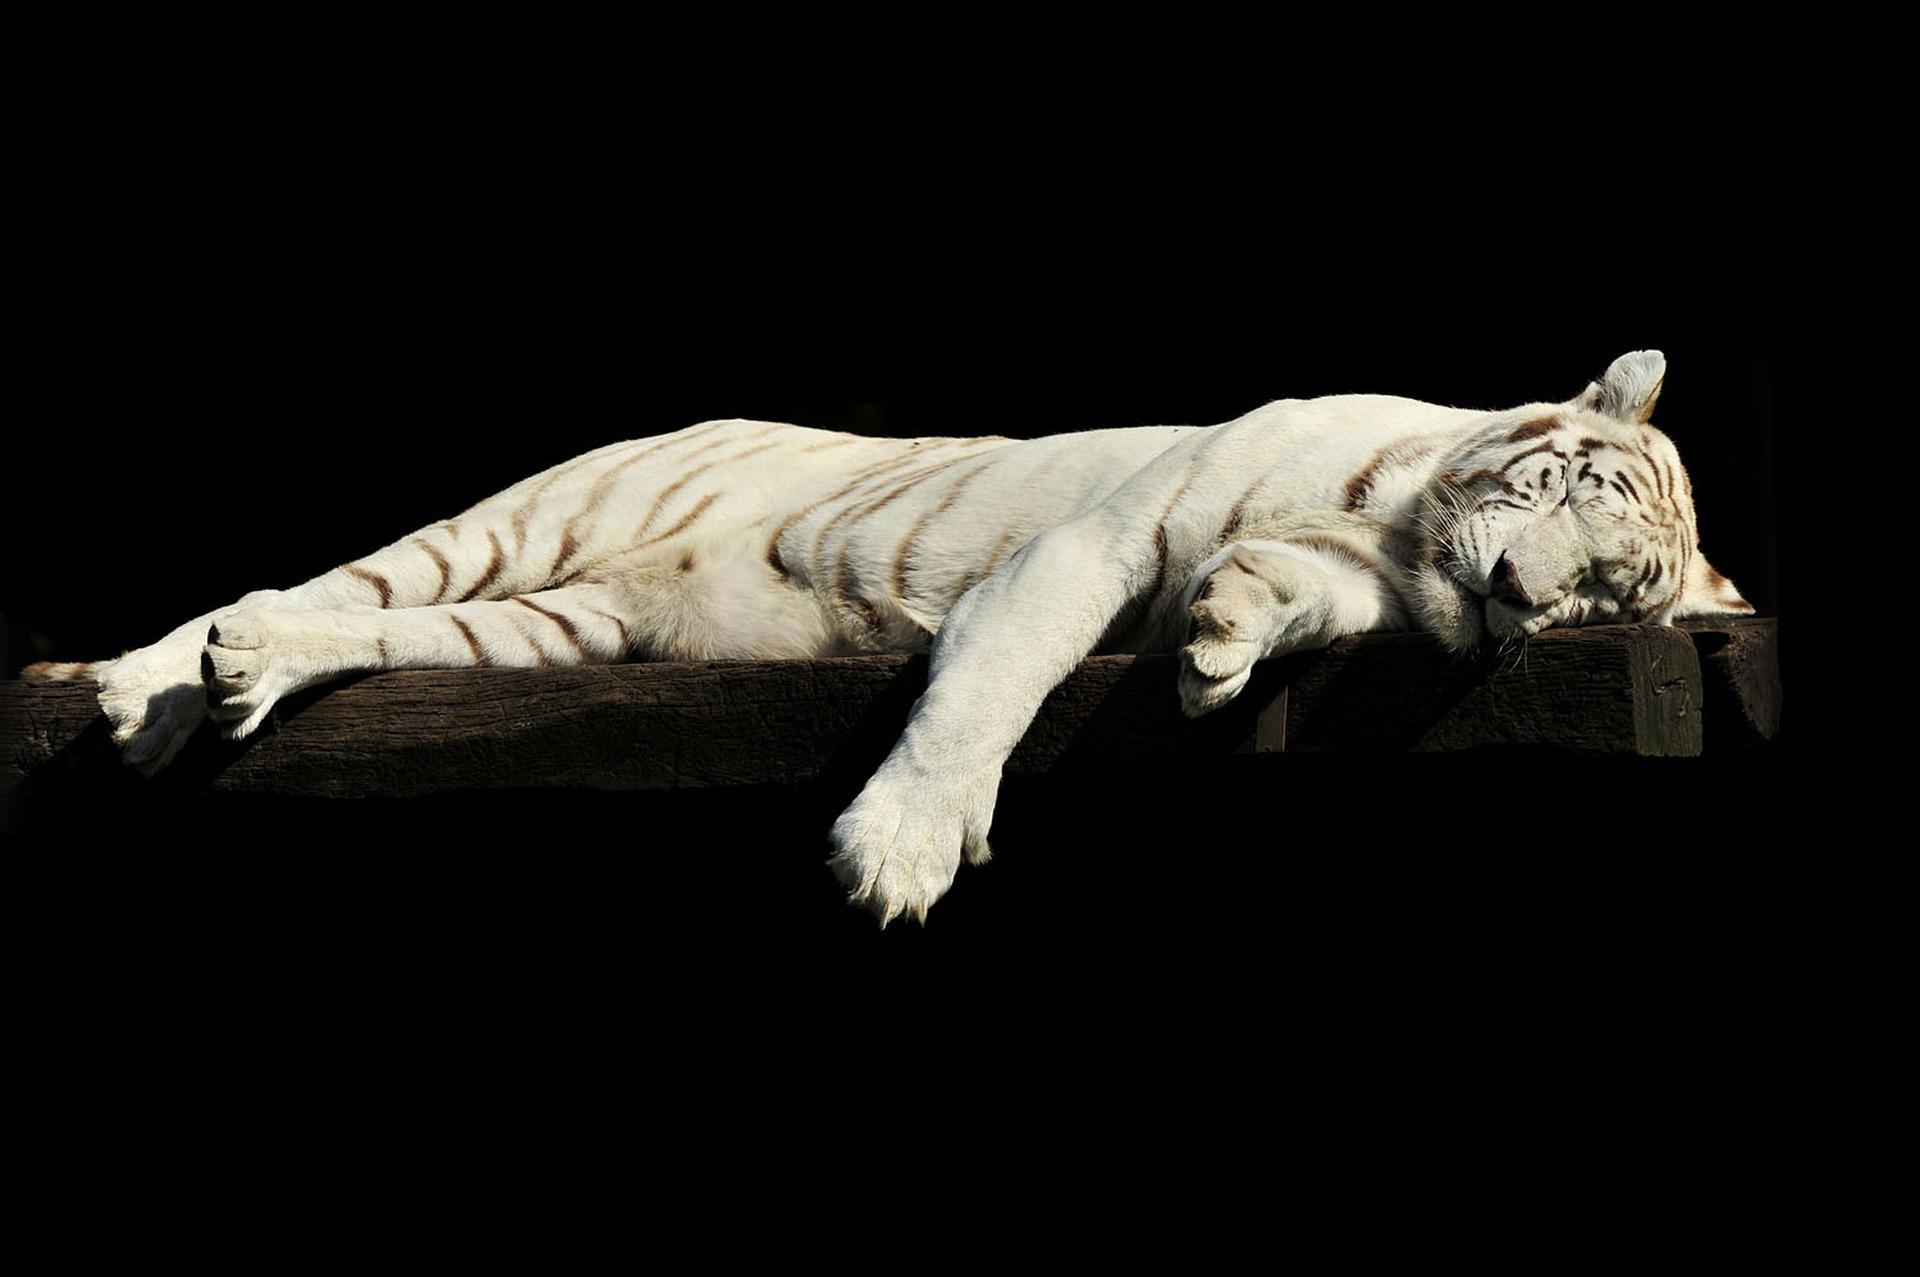 Animali che dormono più ore: il gatto non è tra i primi